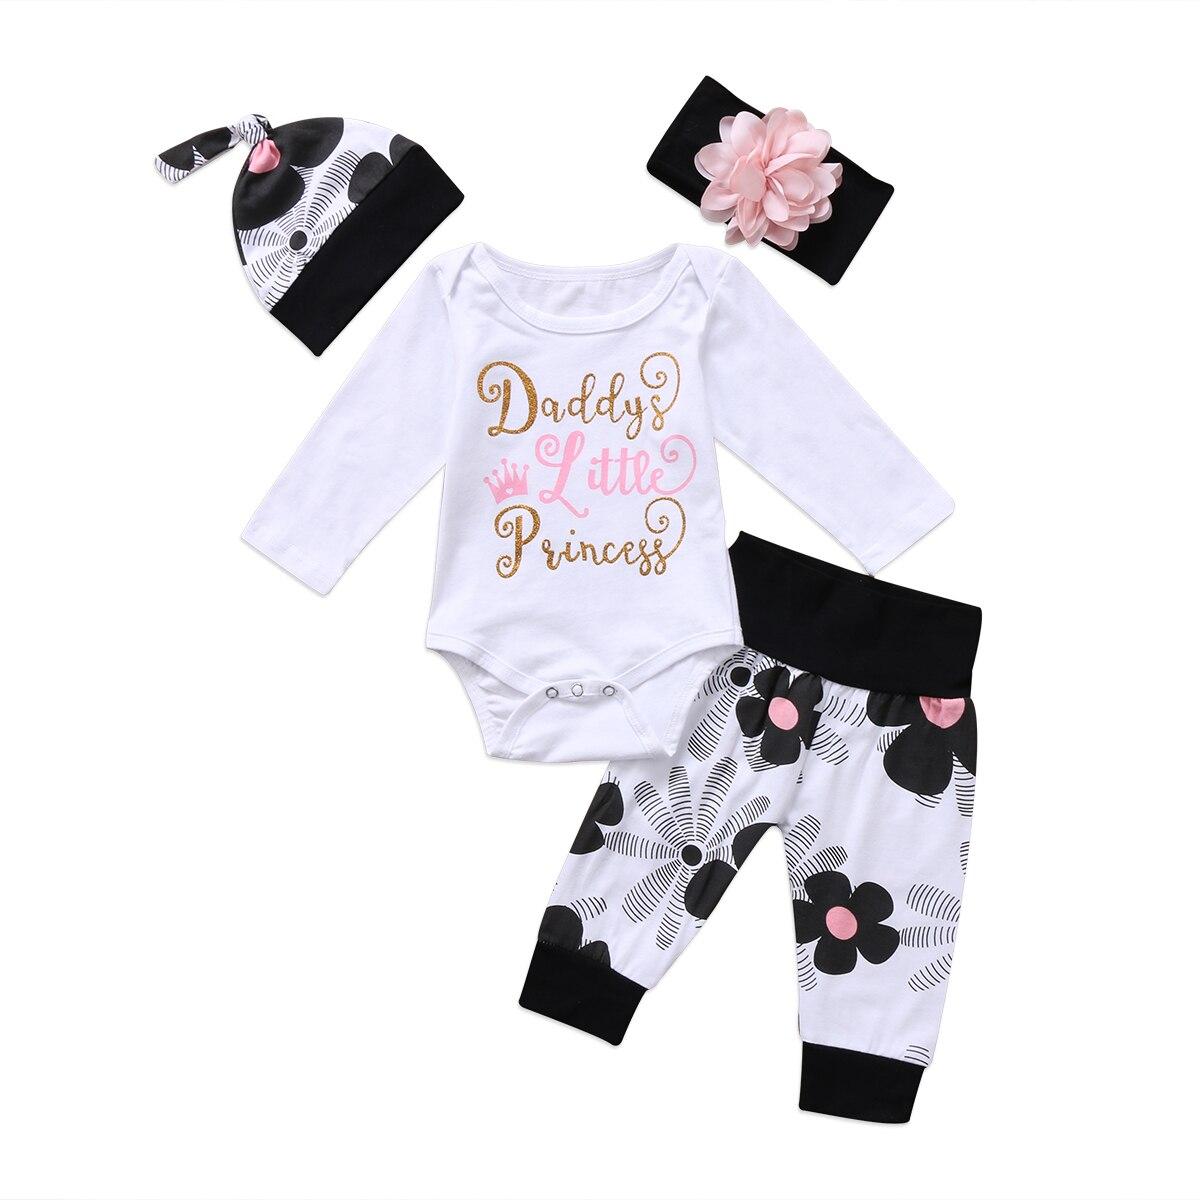 4 Uds niños recién nacidos ropa de bebé niña ropa Floral algodón mono estampado letra Romper pantalones traje 0-24m